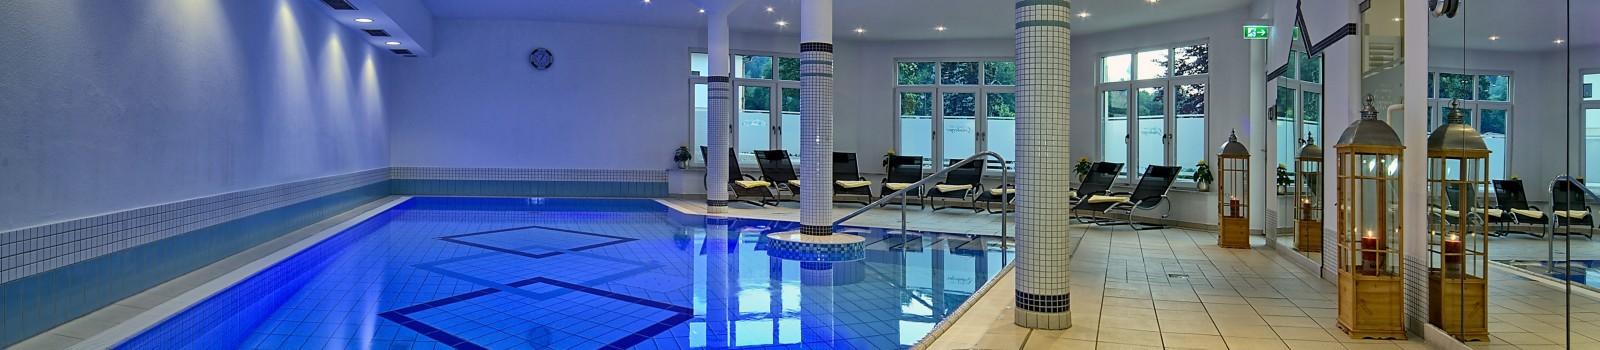 Schwimmbad im Hotel Grünberger